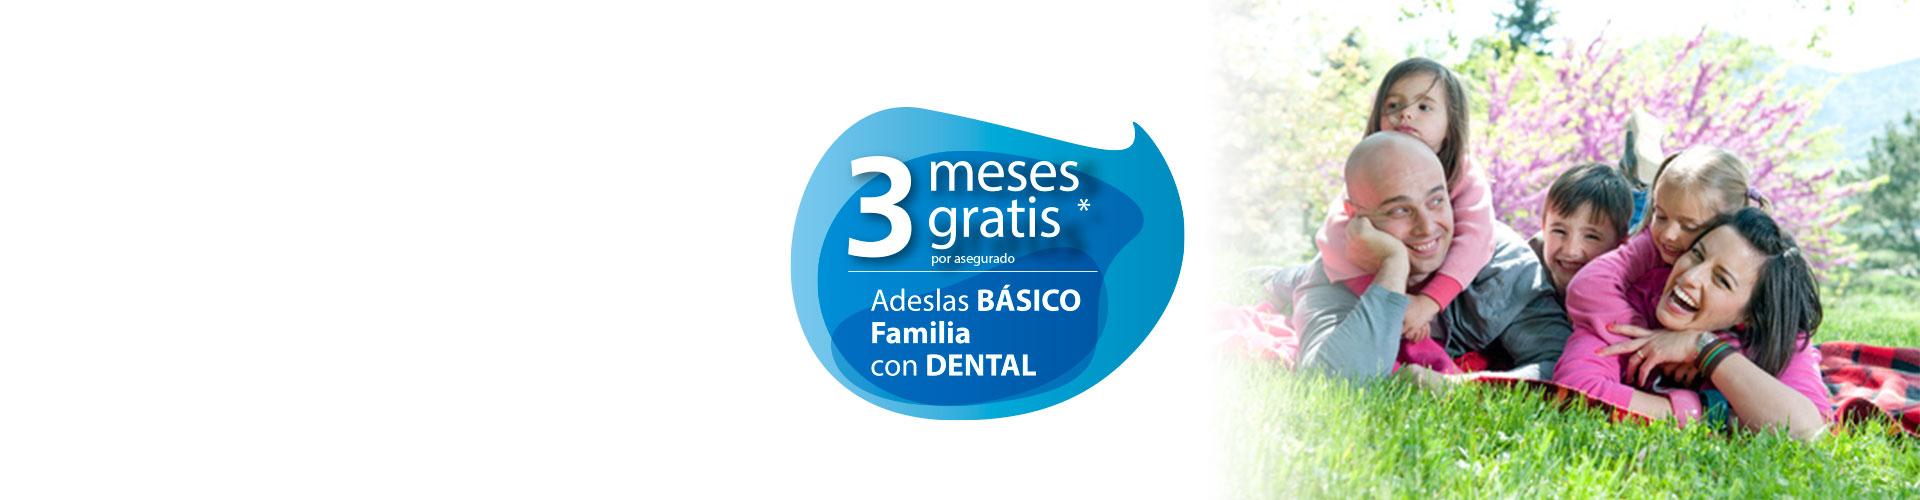 ADESLAS Básico Familia con Dental - 3 meses GRATIS